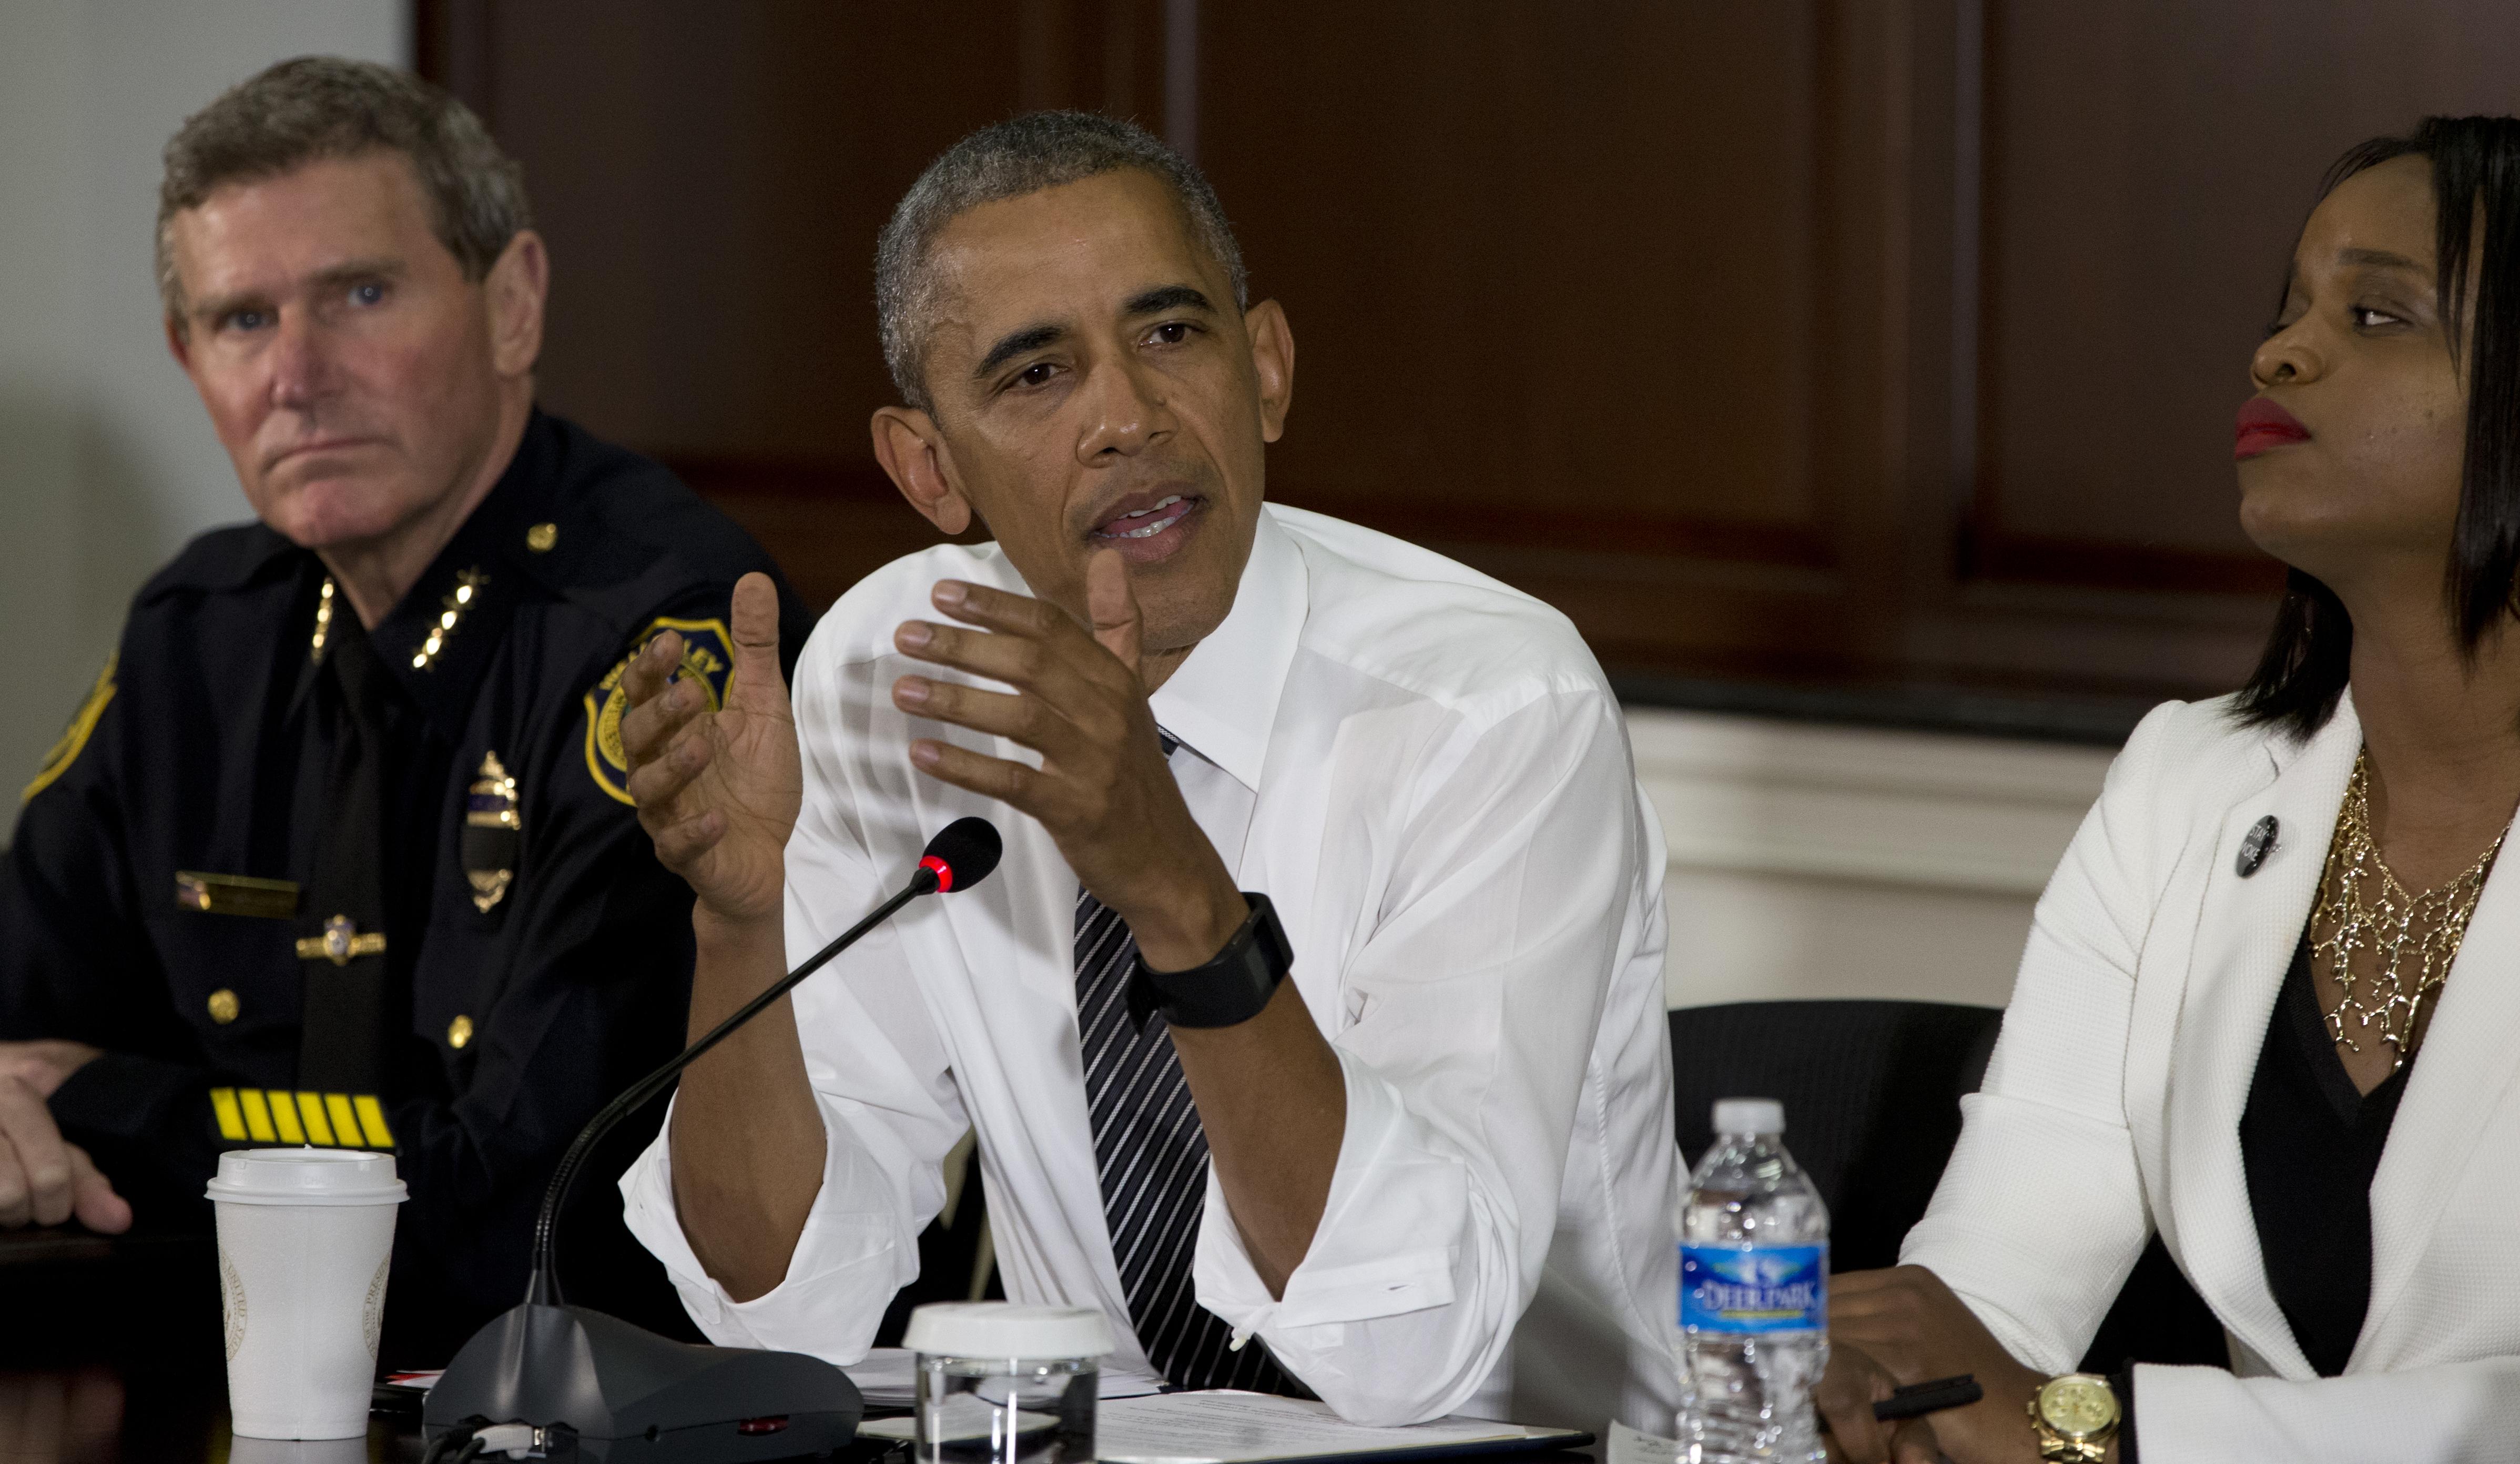 Barack Obama, Brittany Packnett, Terry Cunningham